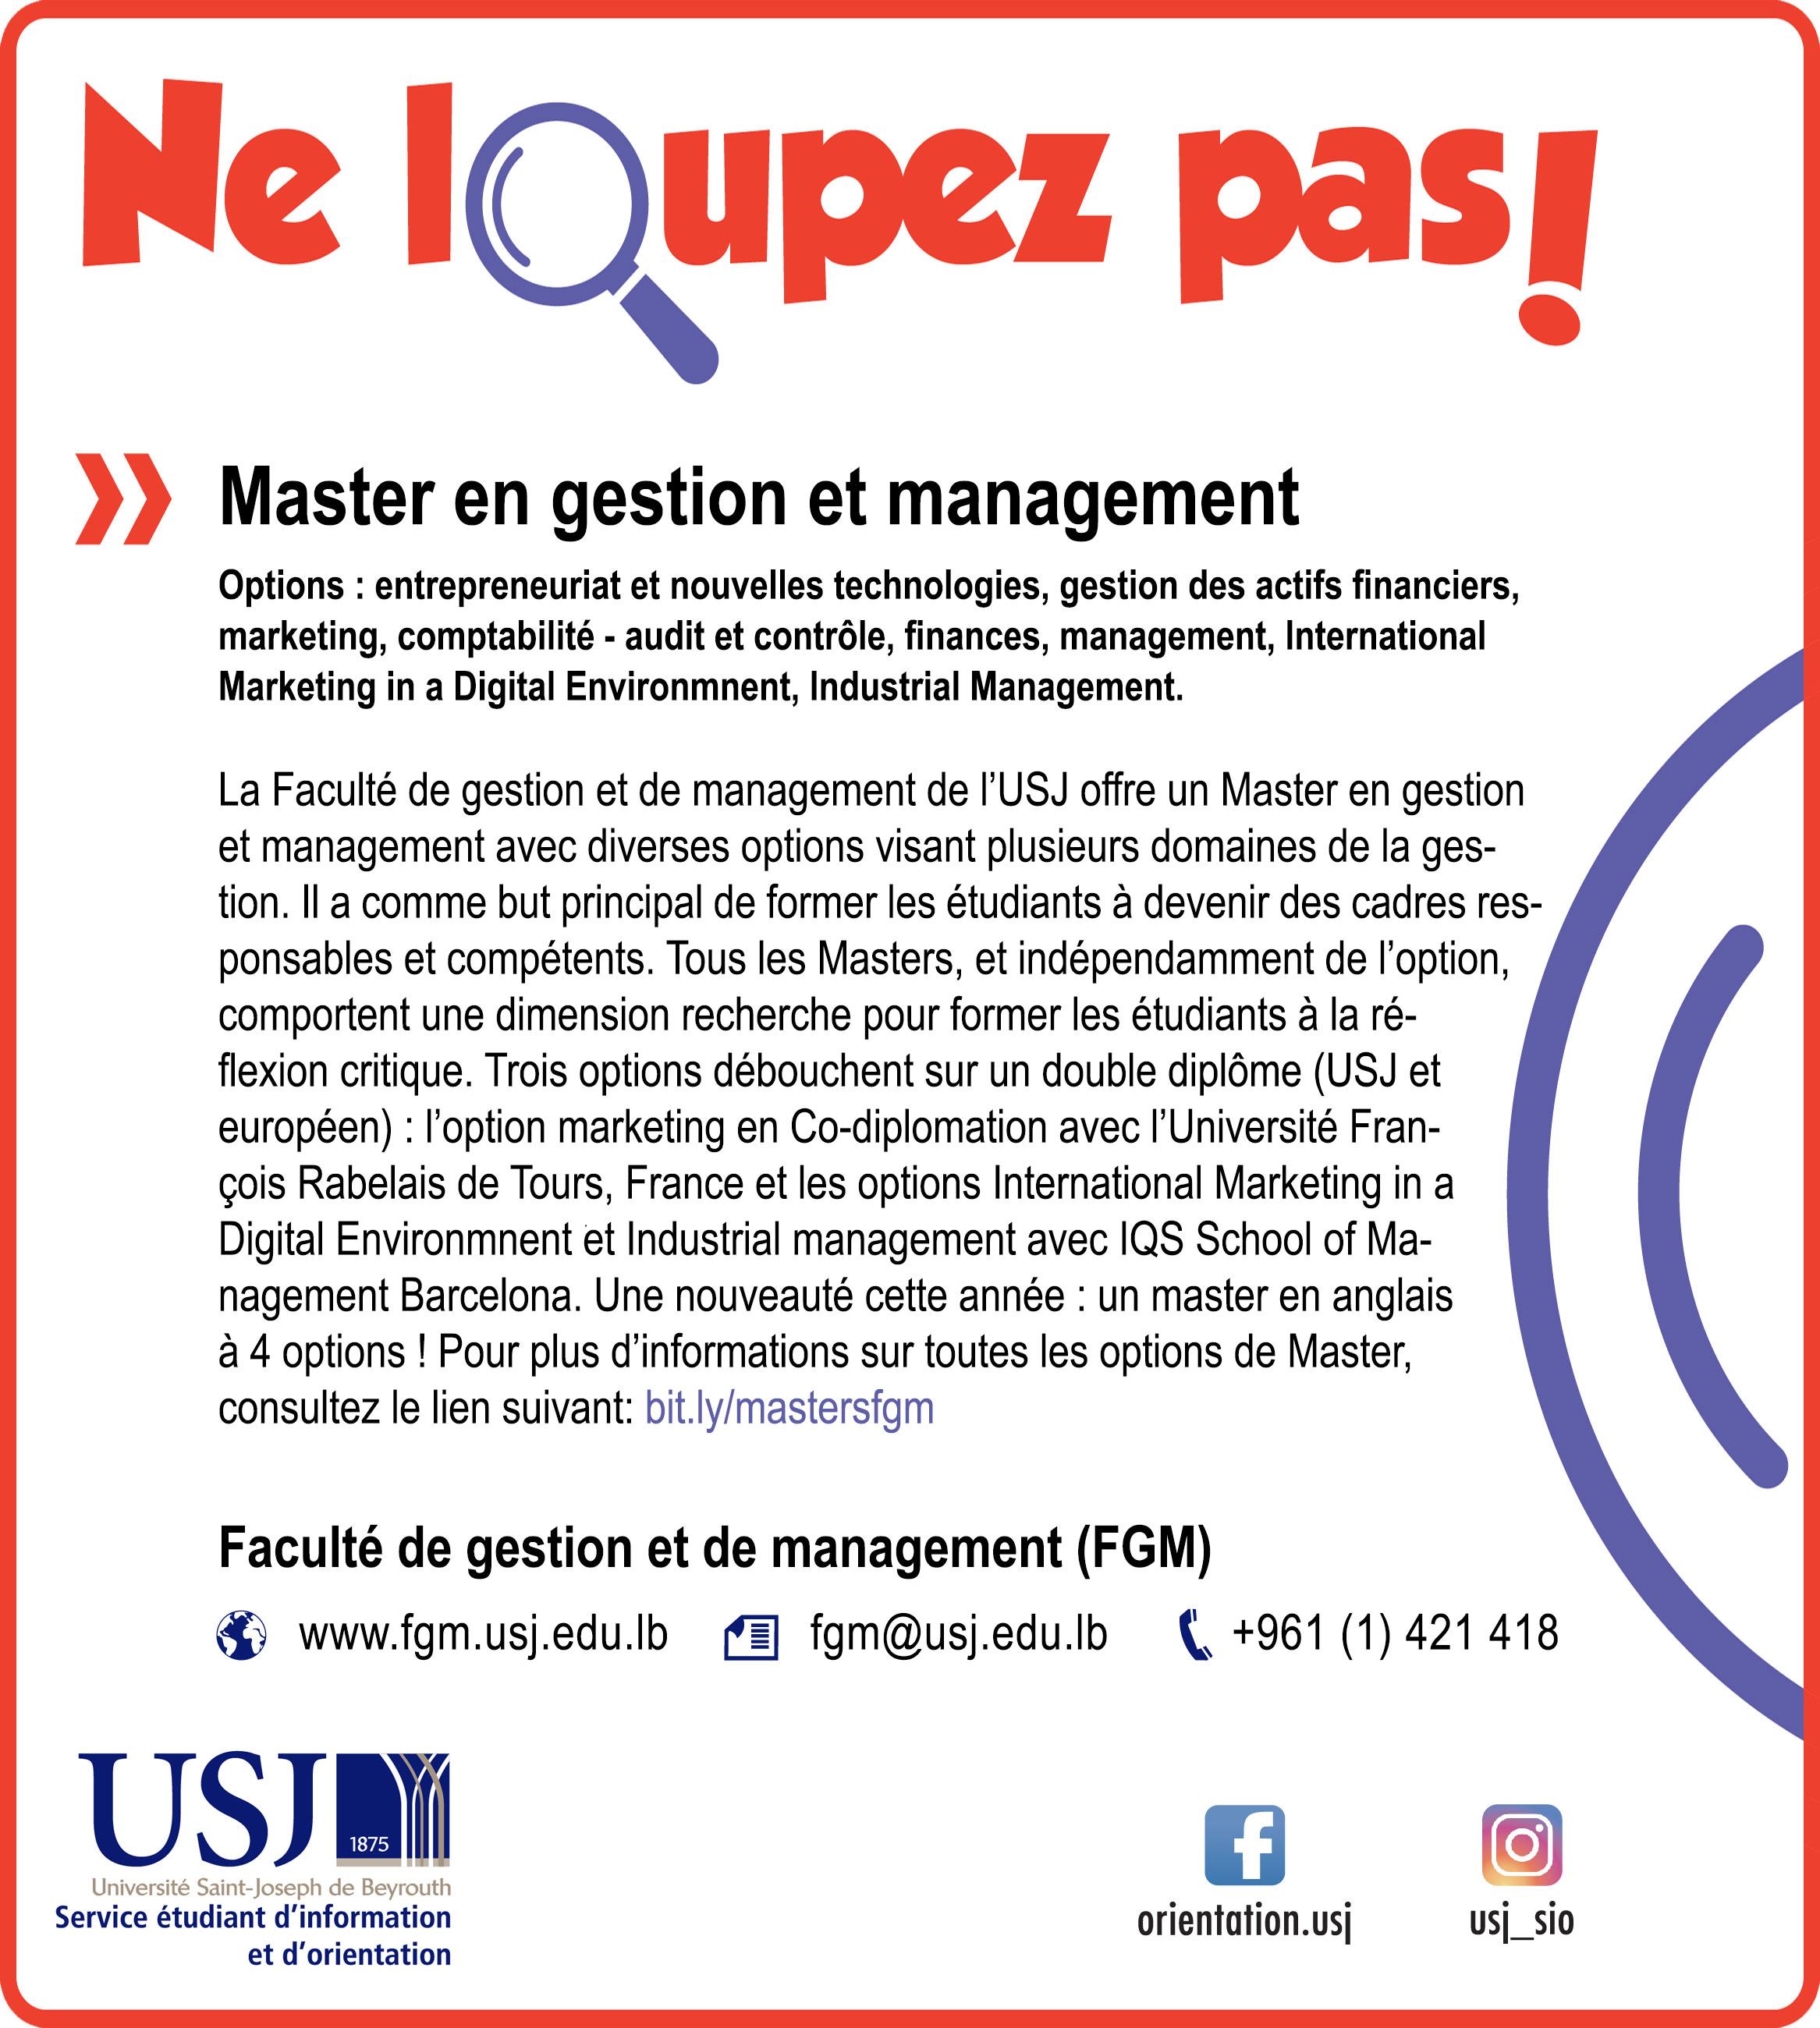 Master en gestion et management